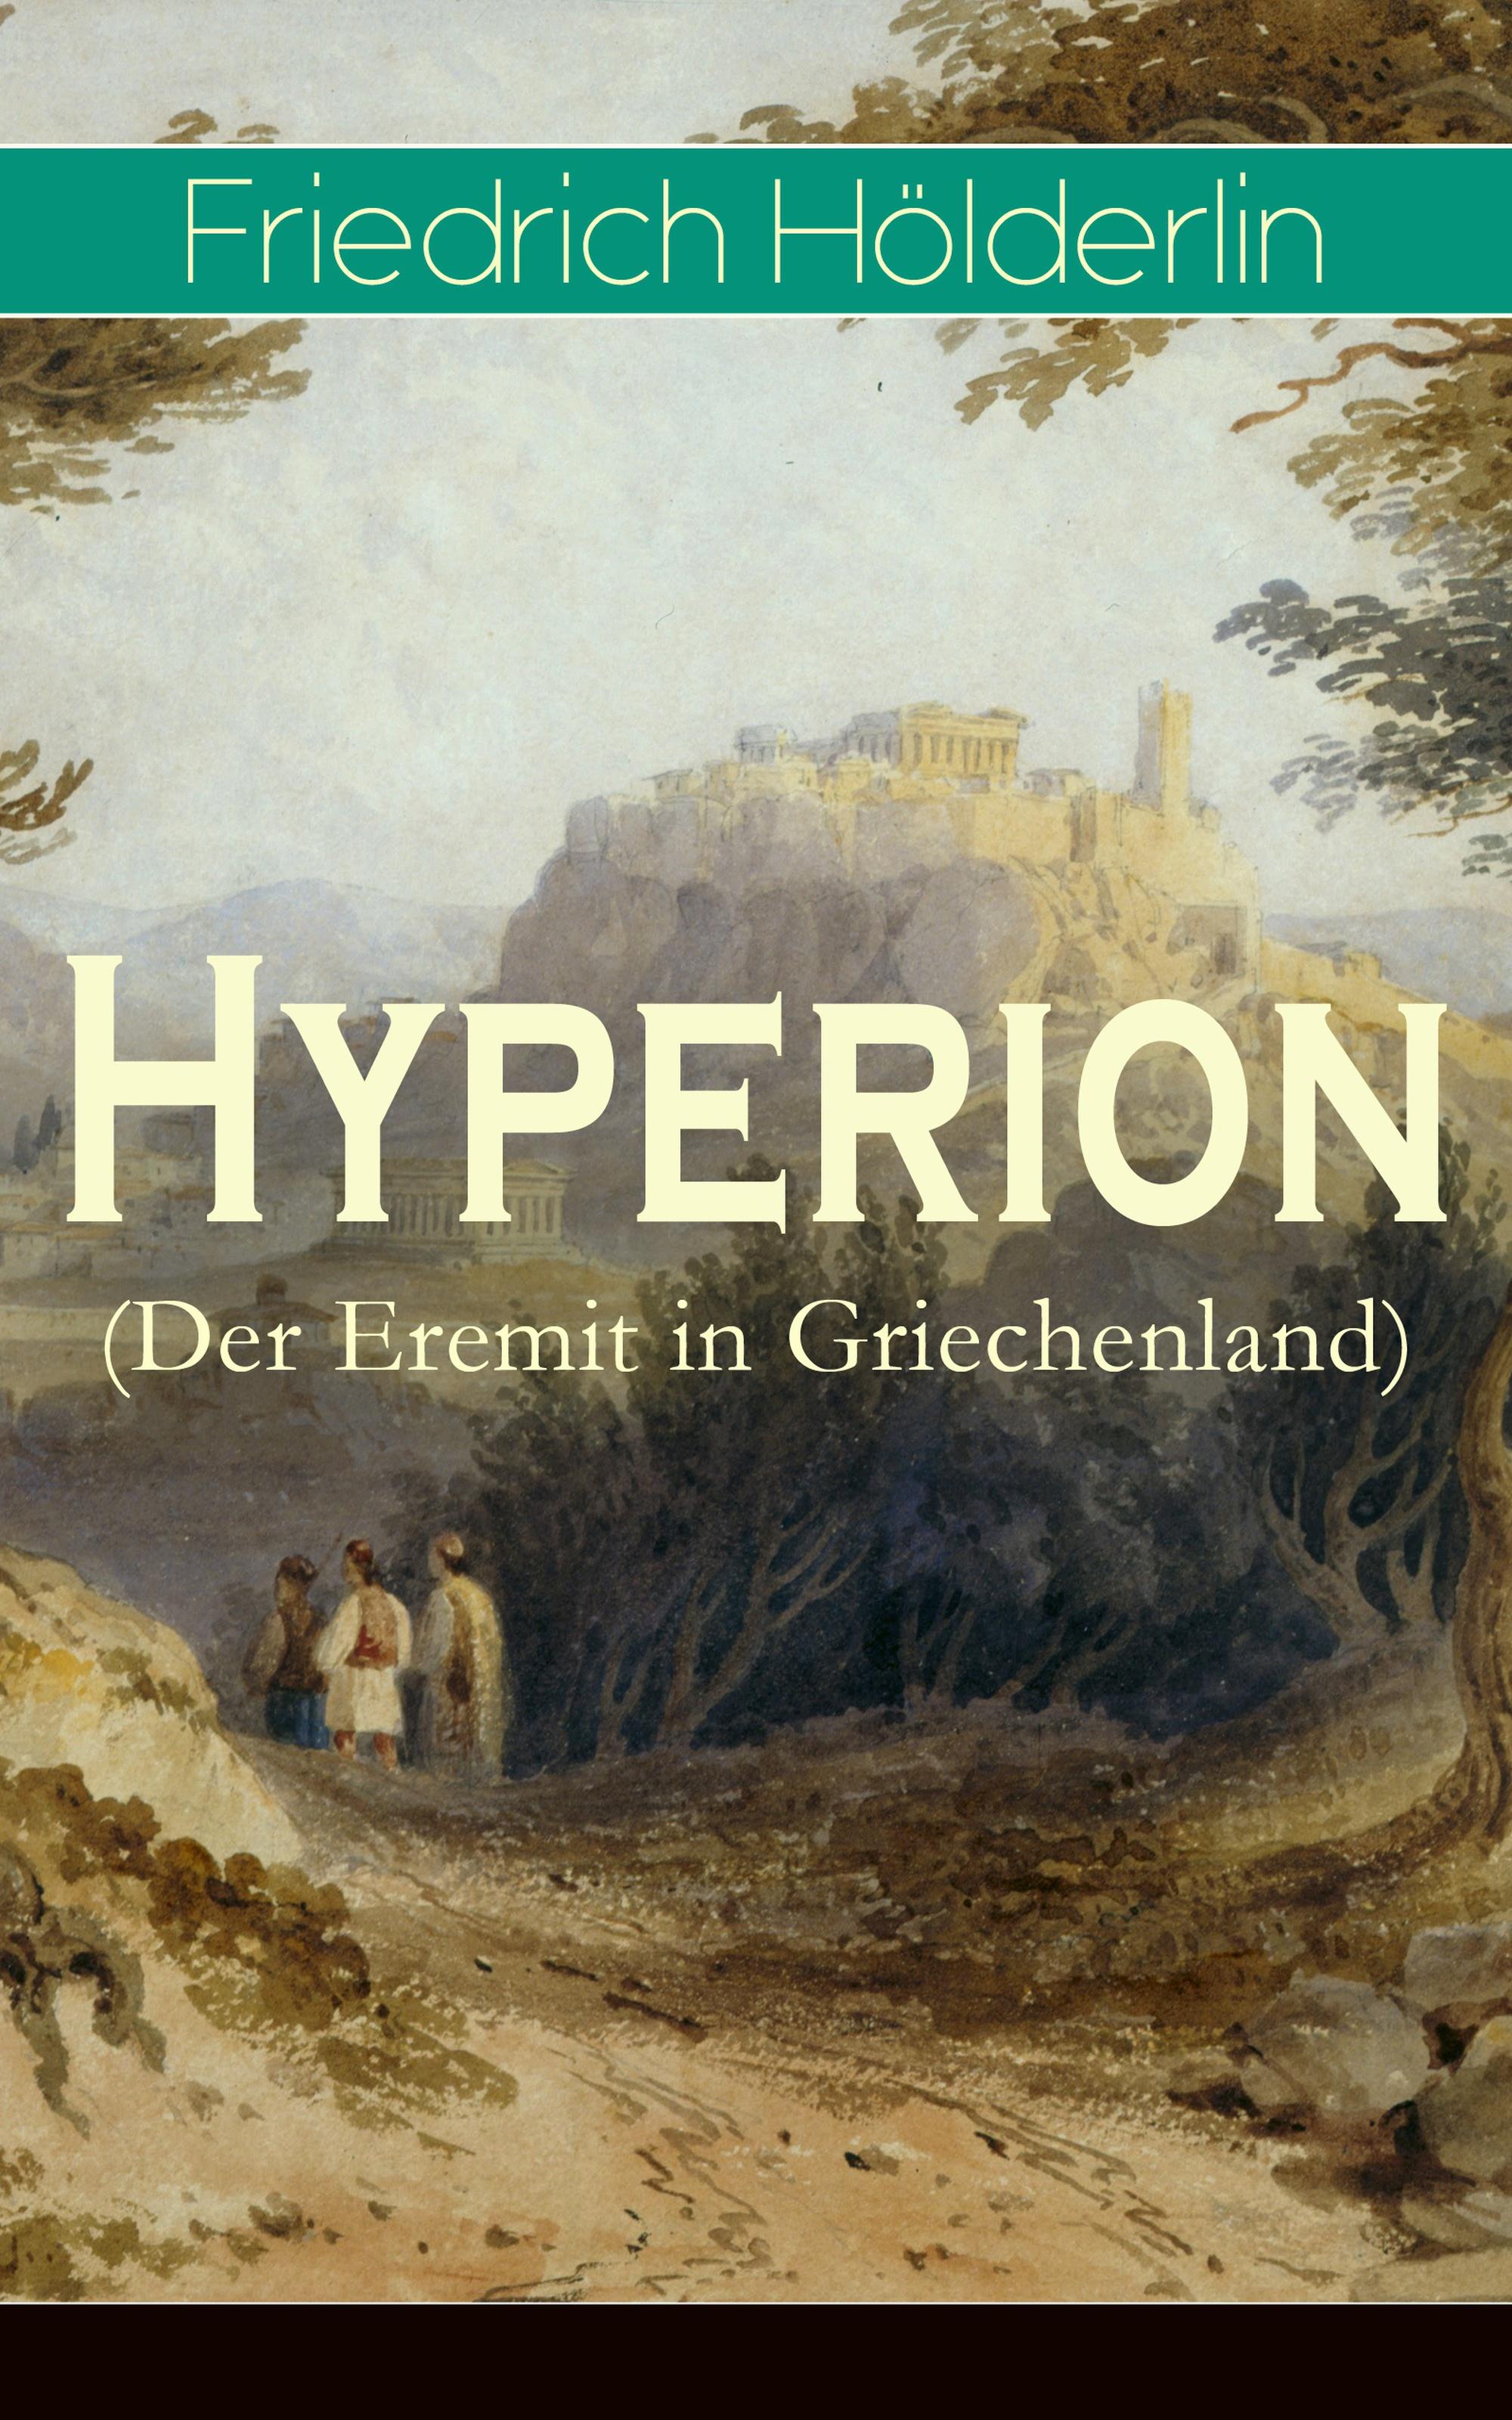 Friedrich Holderlin Hyperion (Der Eremit in Griechenland) окуляр celestron hyperion 5 мм 1 25